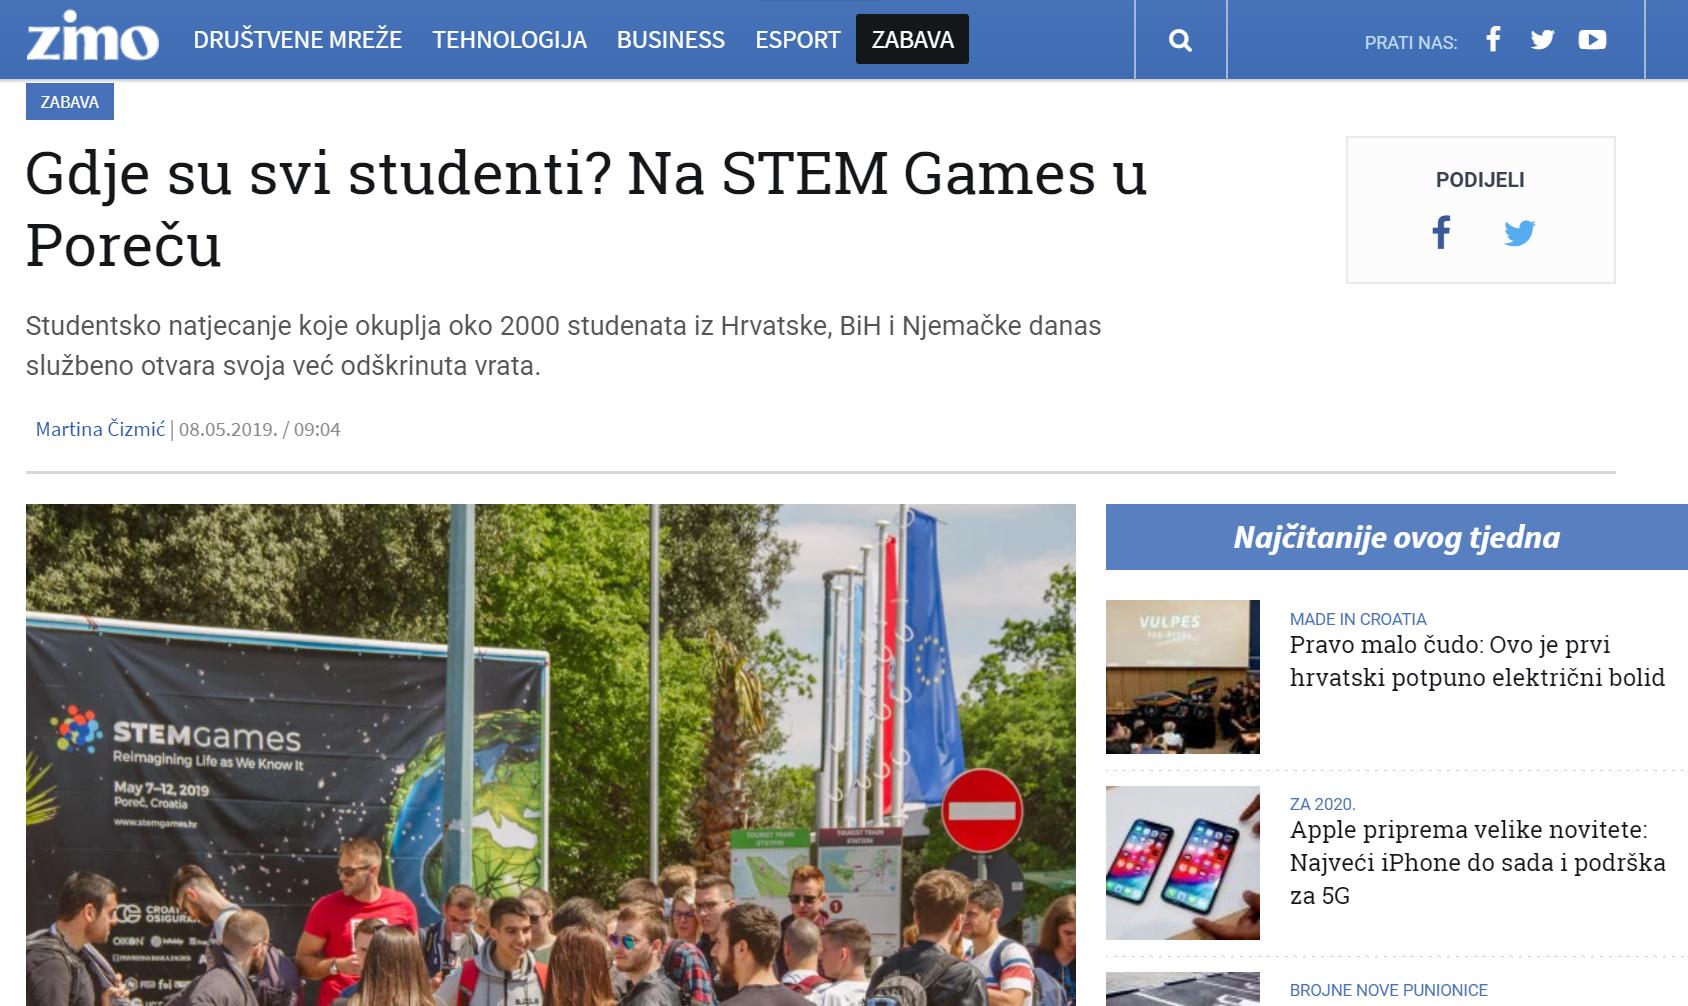 20190620 – STEM Games – Zimo druga objava